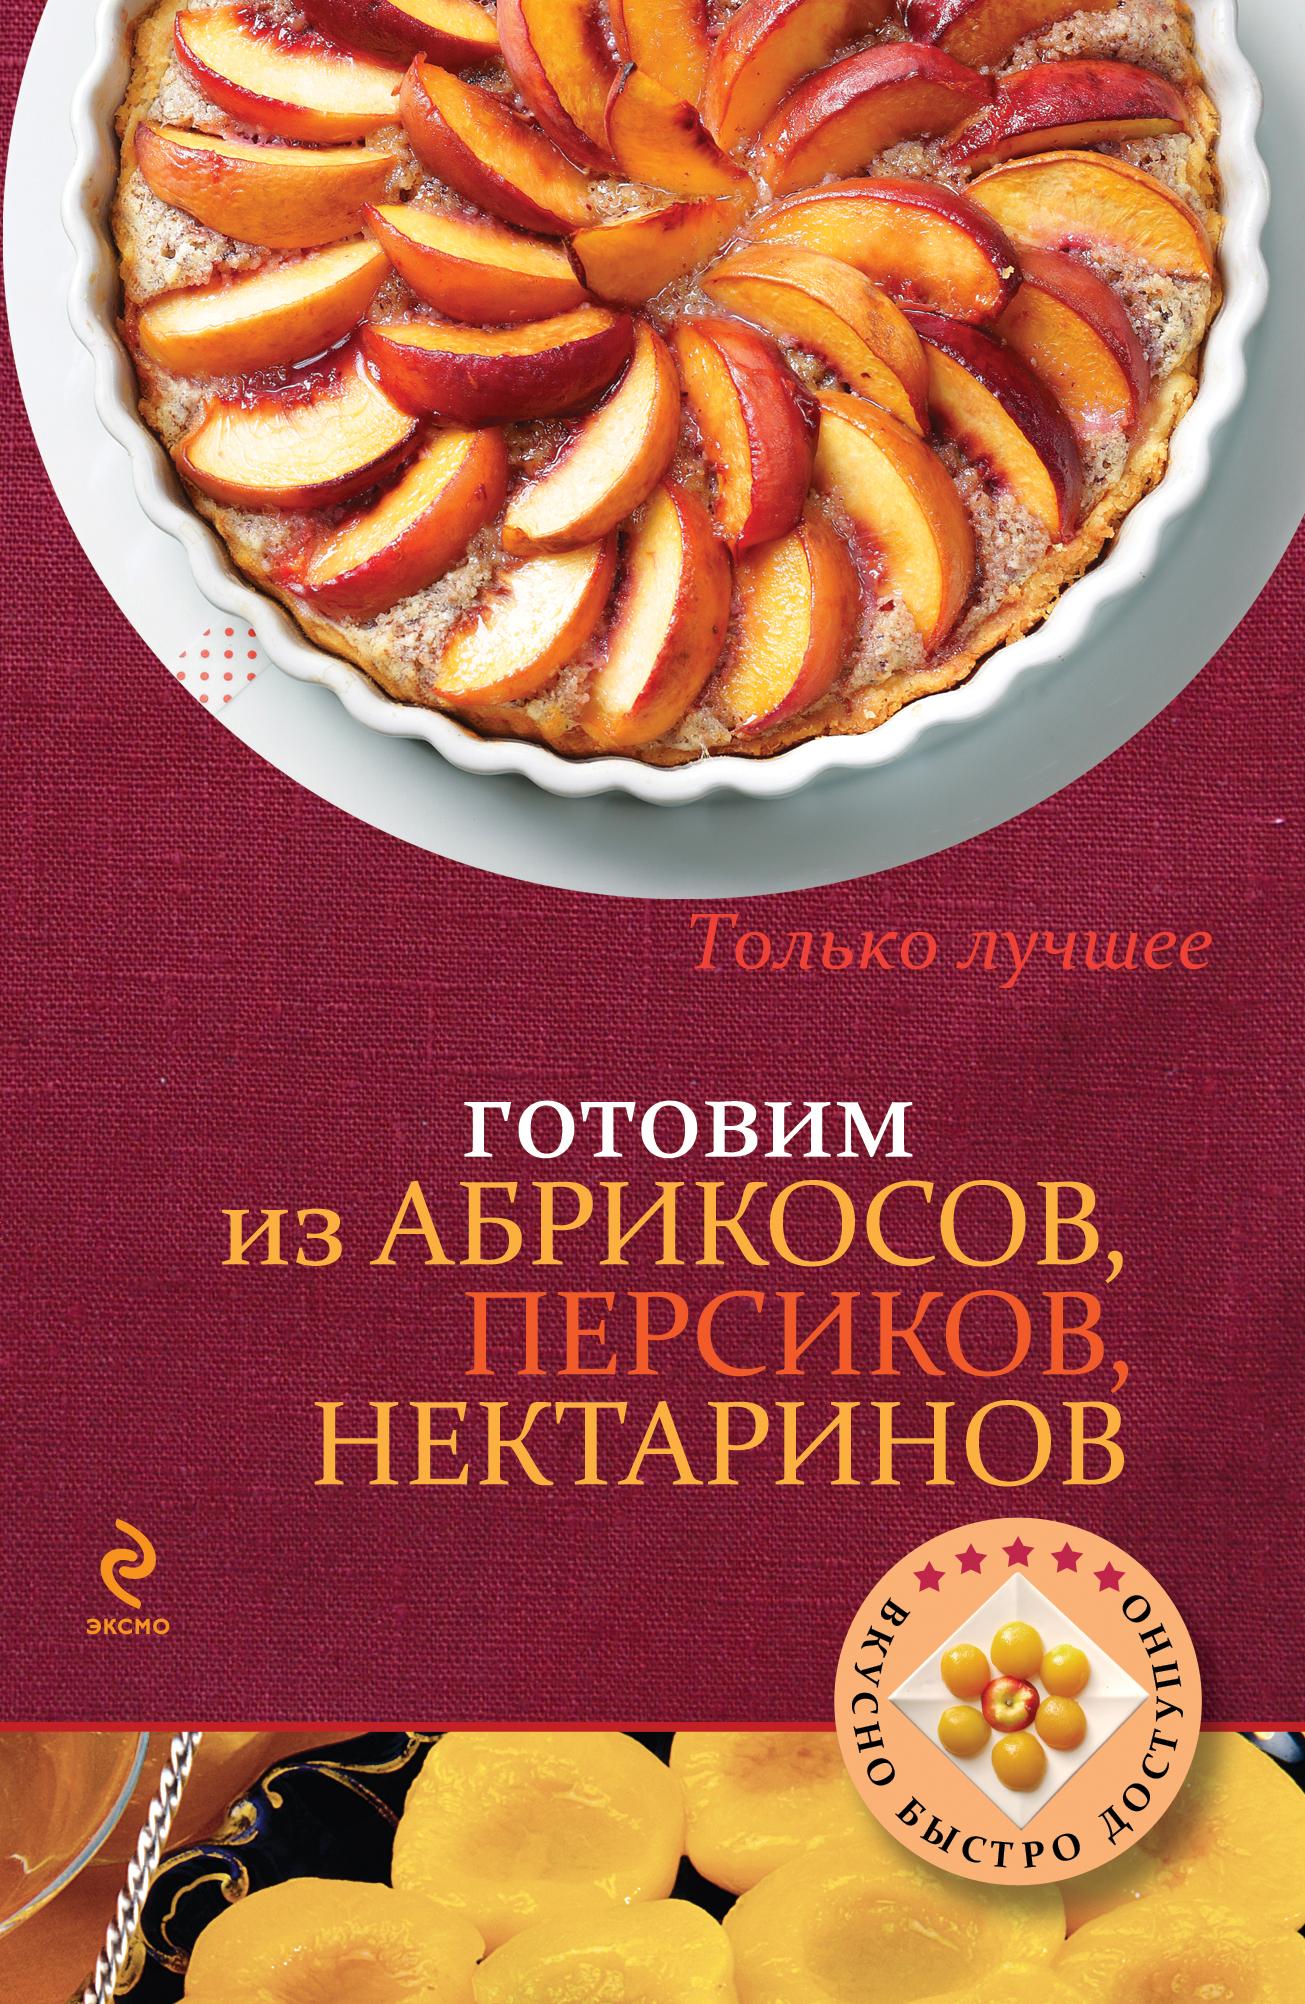 Готовим из абрикосов, персиков, нектаринов